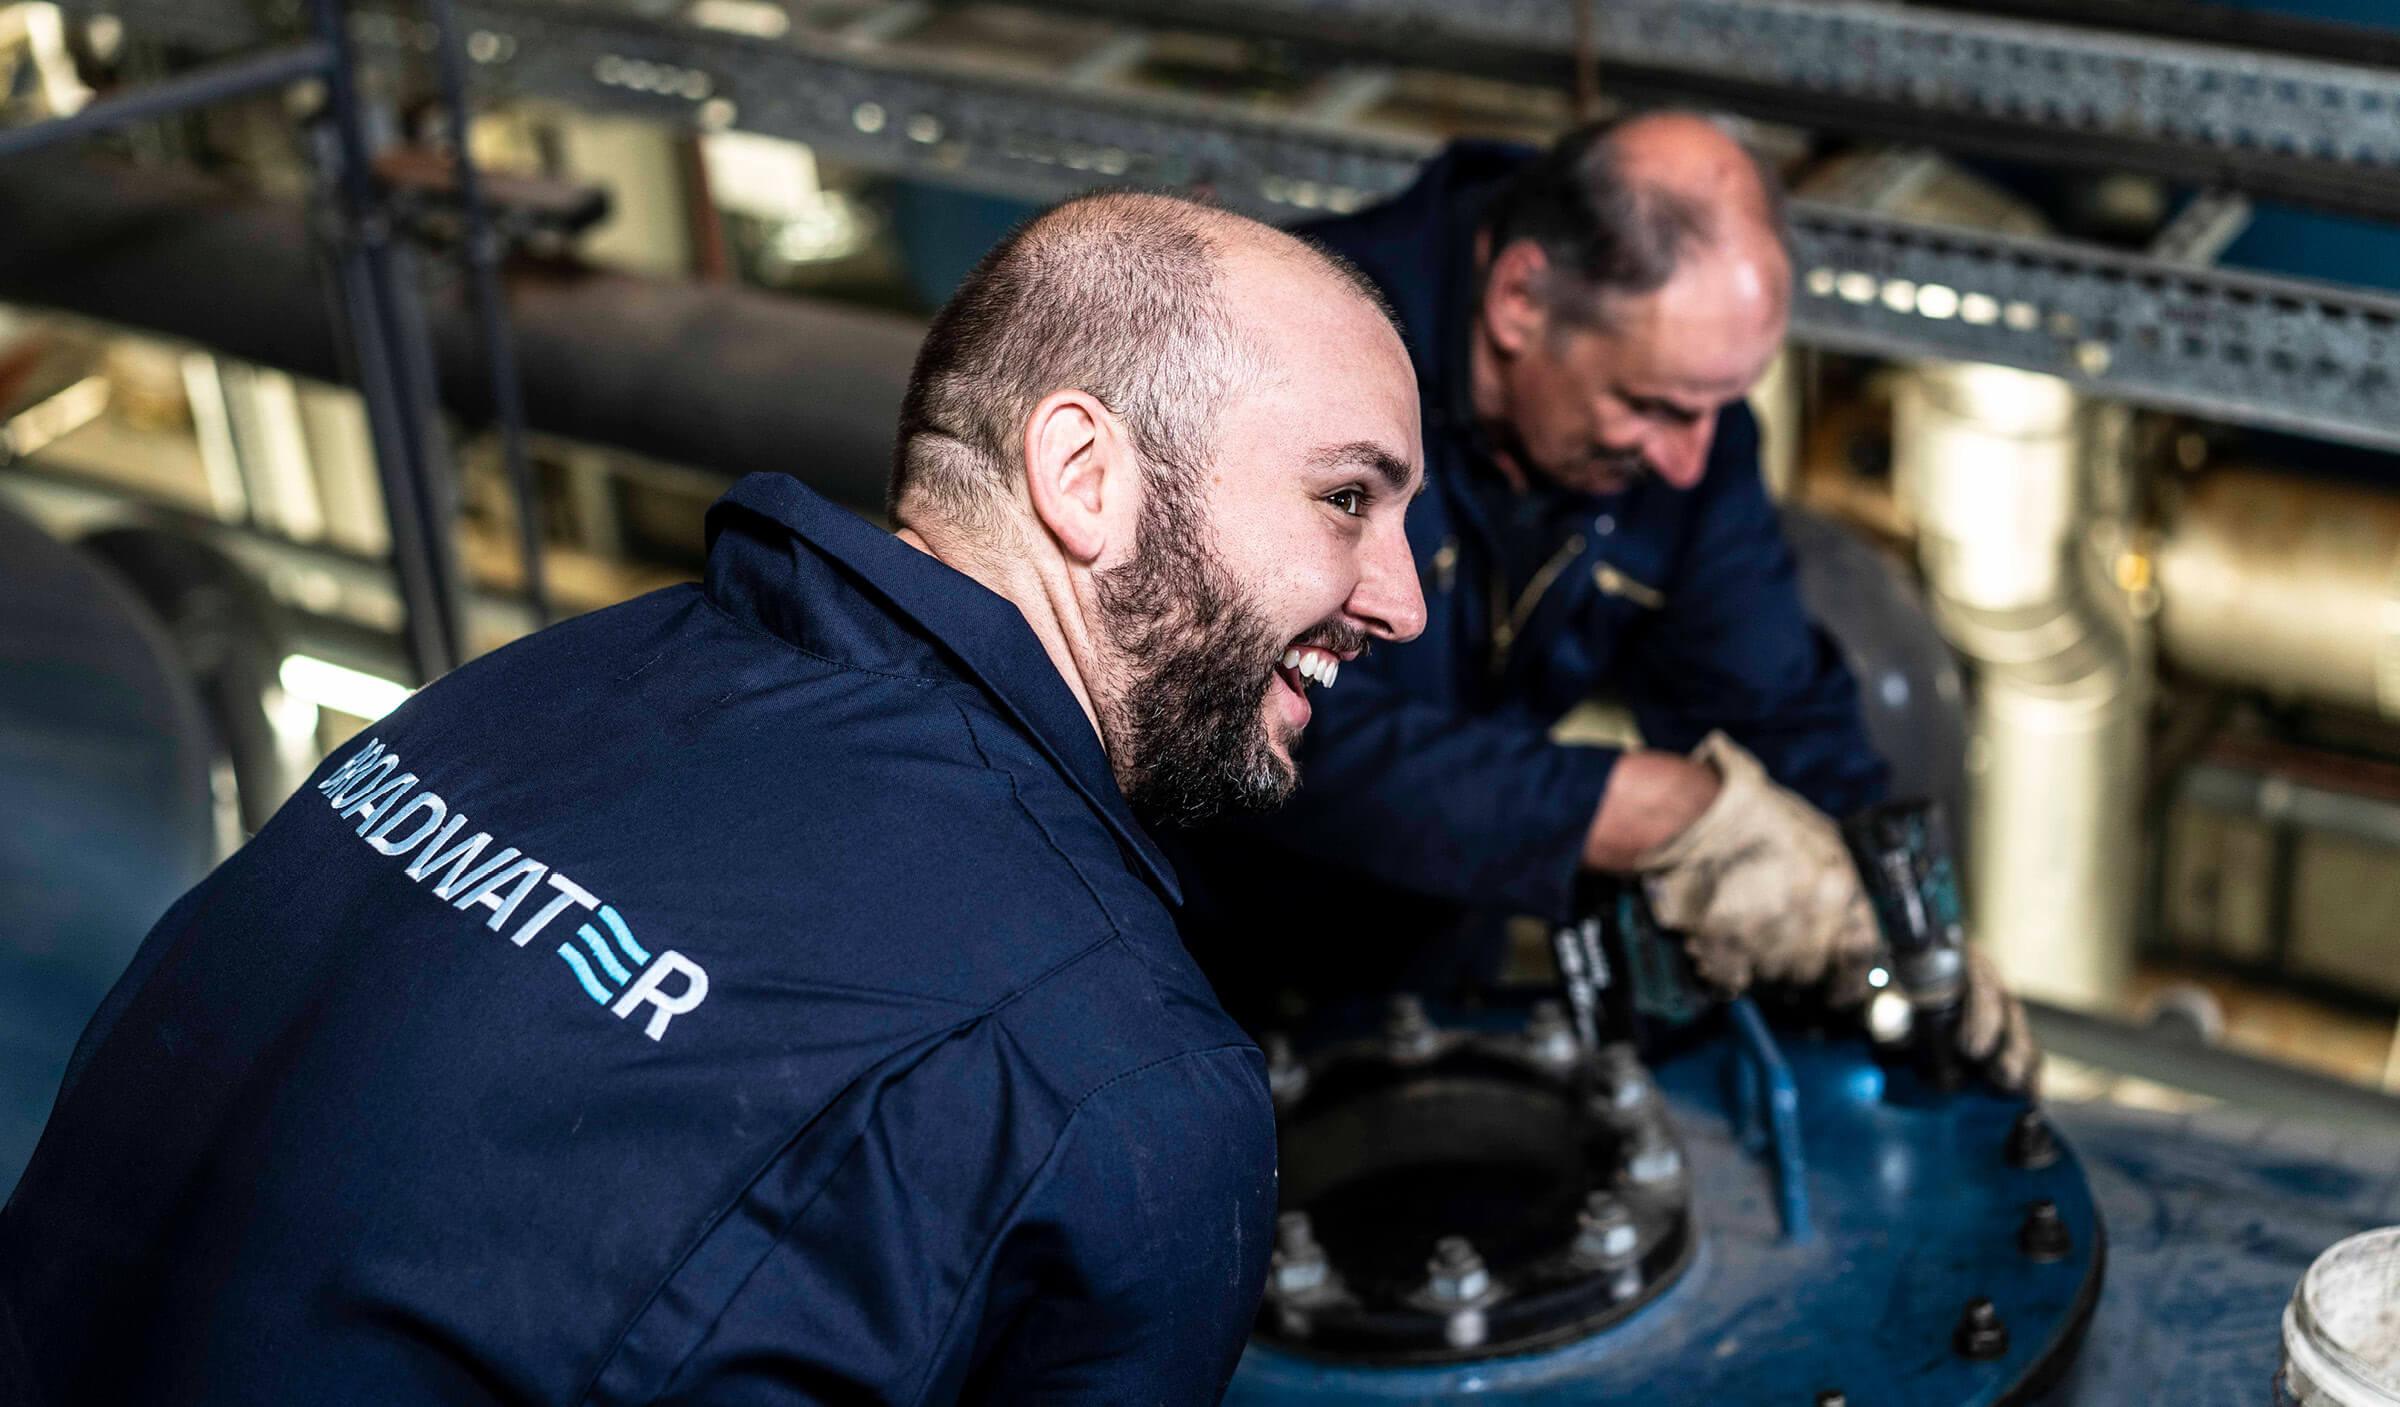 Broadwater engineers branded workwear